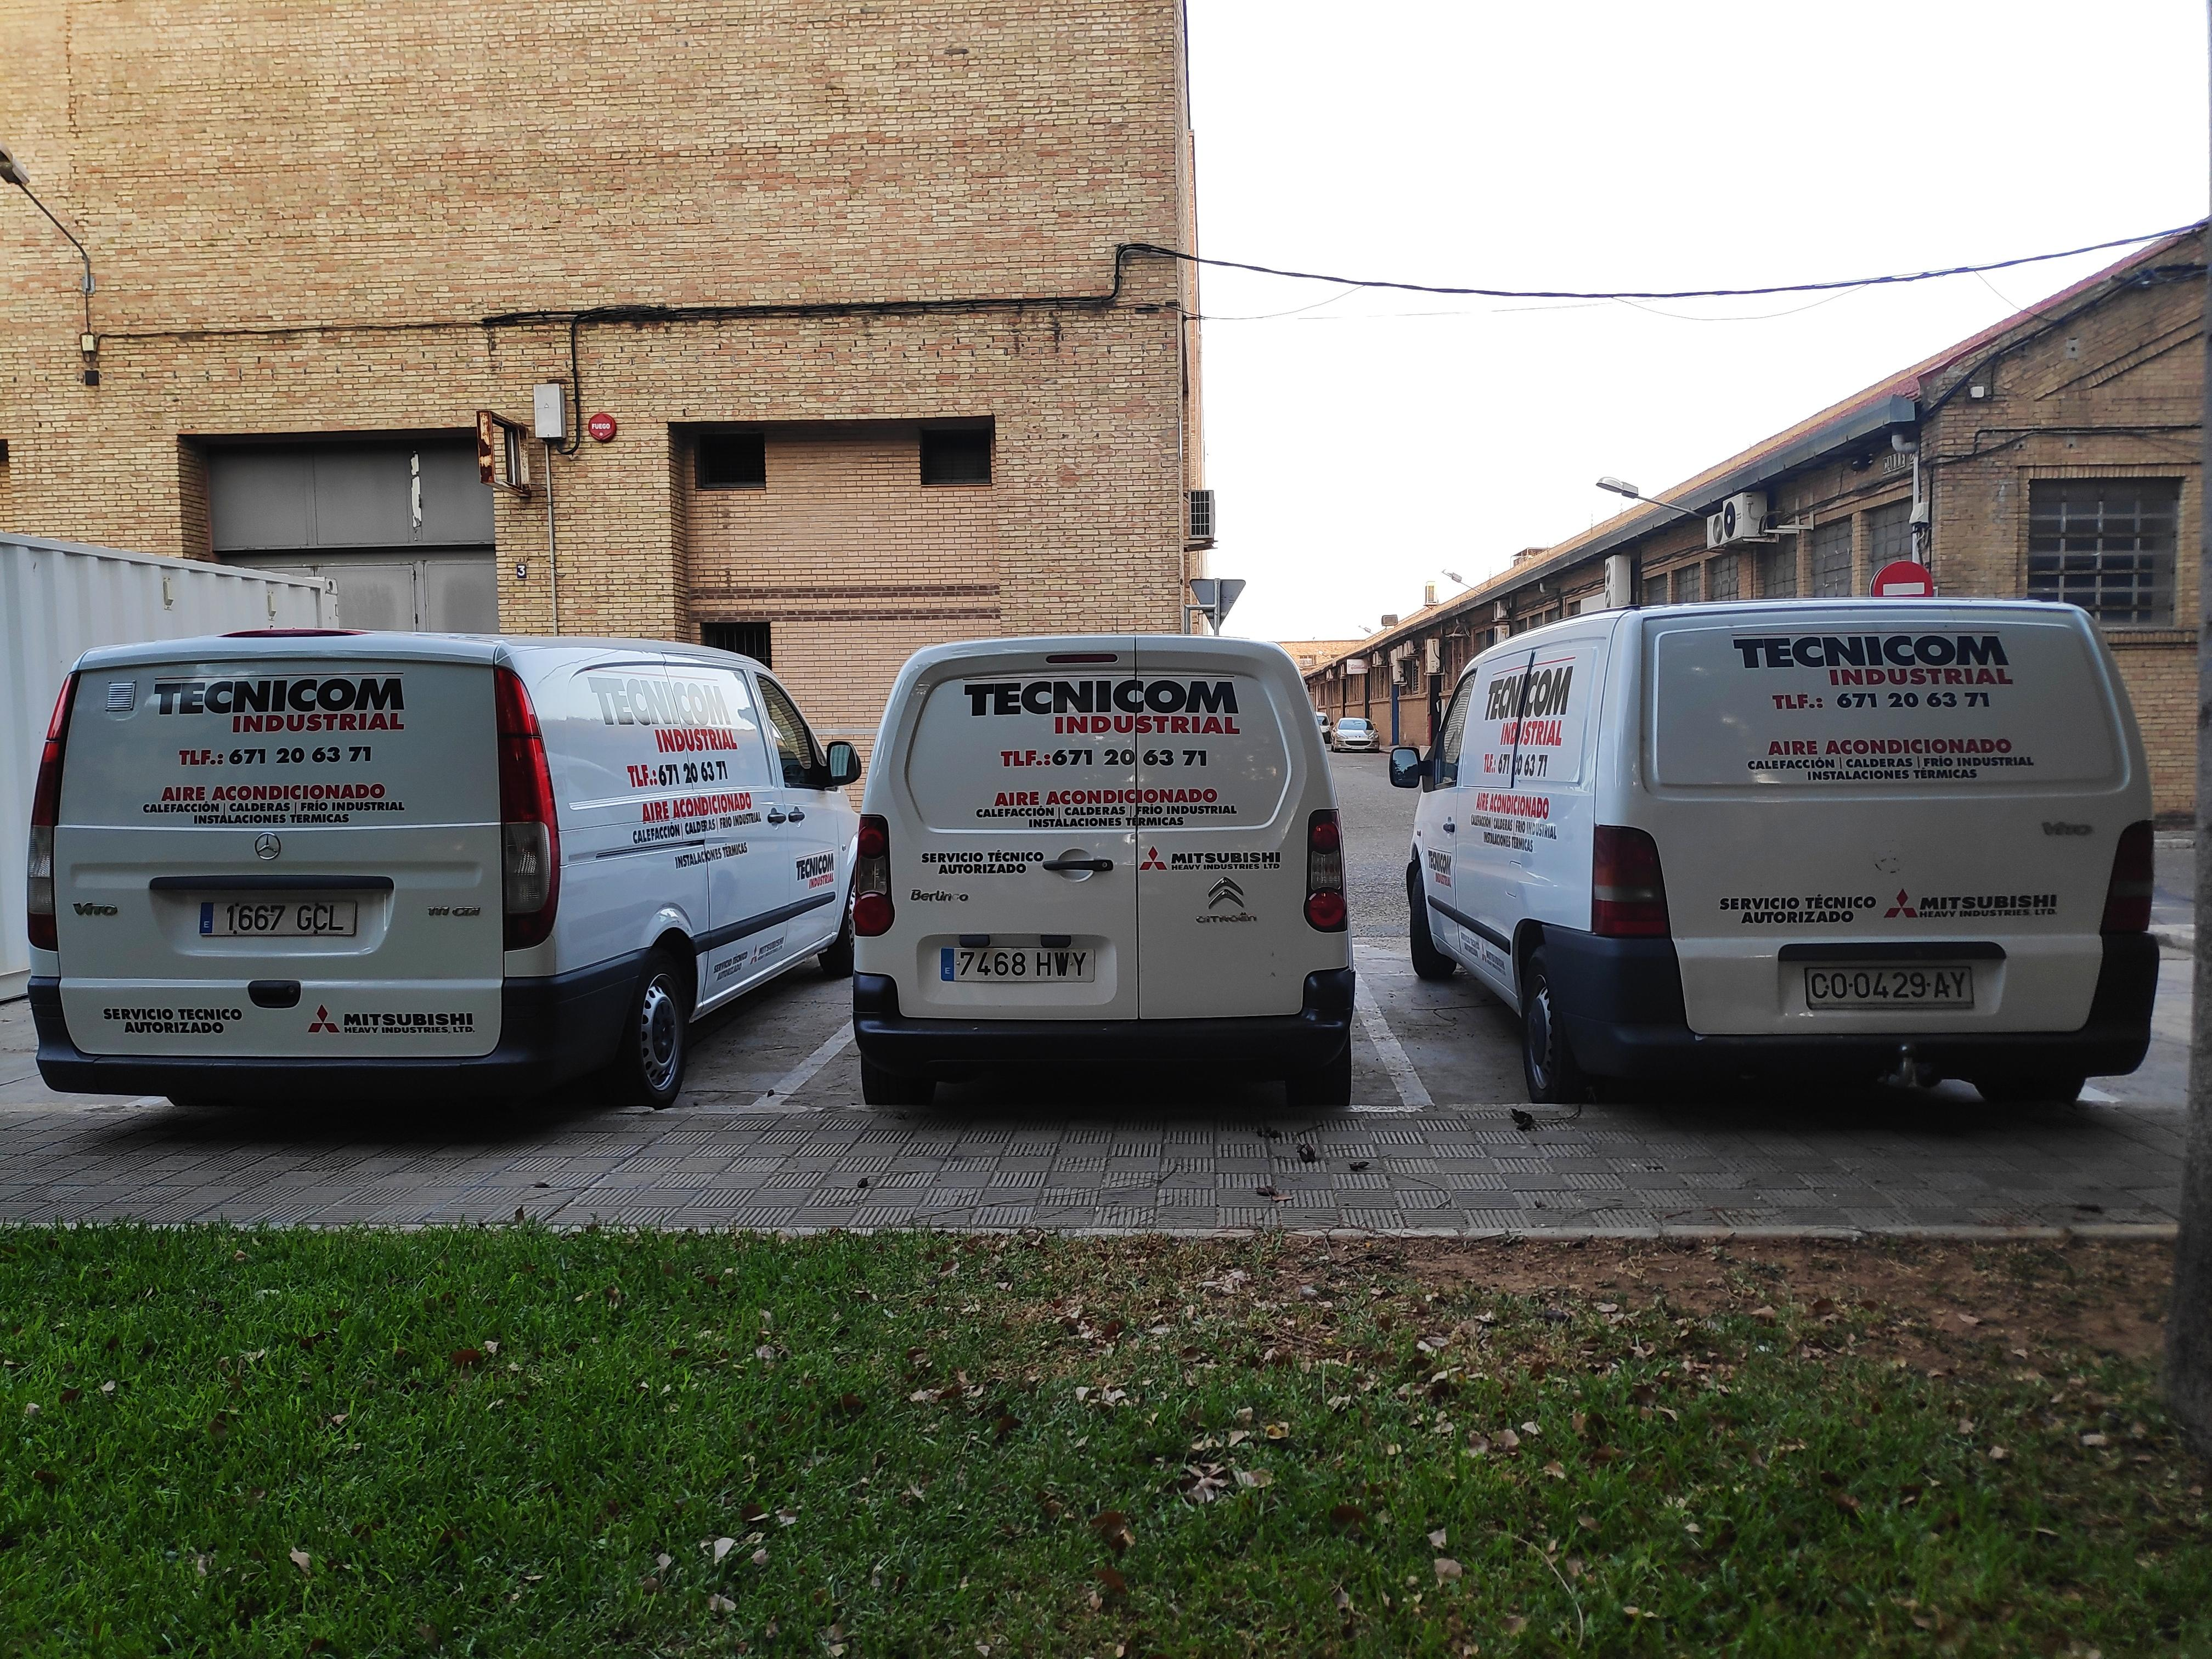 Nuestros vehículos ya están listos, nuestro equipo está preparado, herramientas revisadas, ¿está preparado tu aire acondicionado en Sevilla? ¡Nosotros lo estamos!